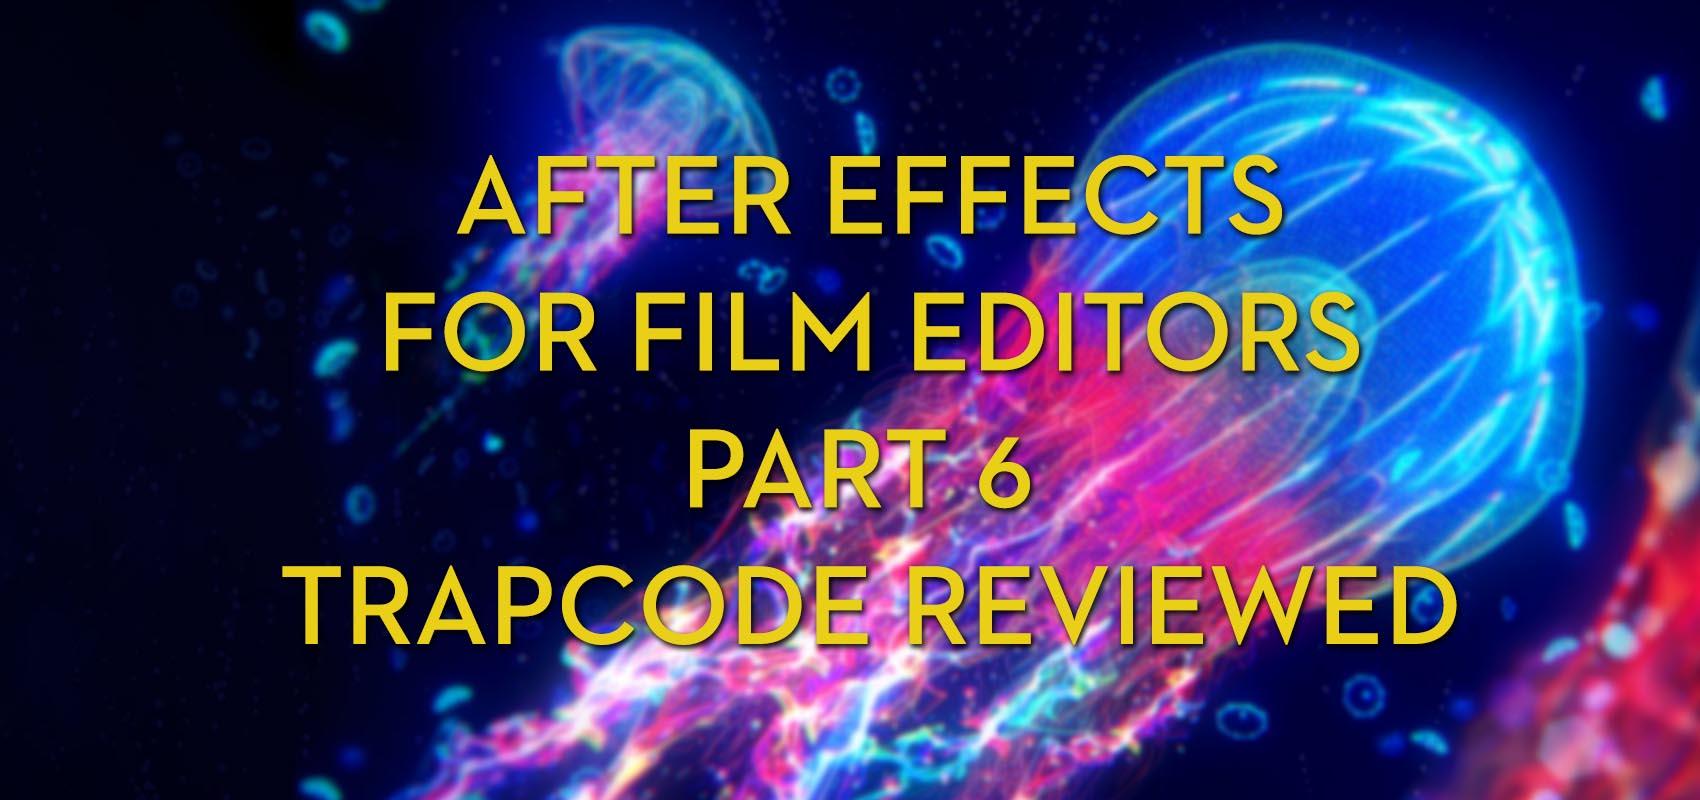 After Effects for Film Editors - Part 6 | Jonny Elwyn - Film